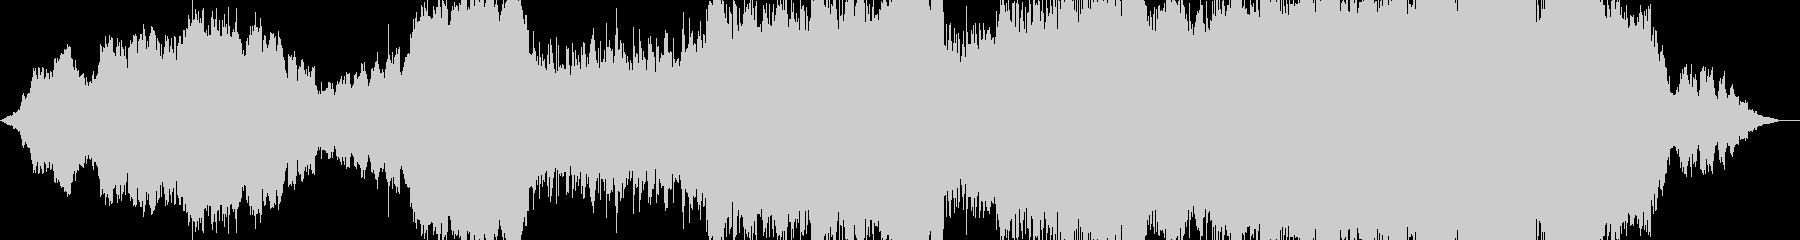 ライブオーケストラ、ライブソロソプ...の未再生の波形